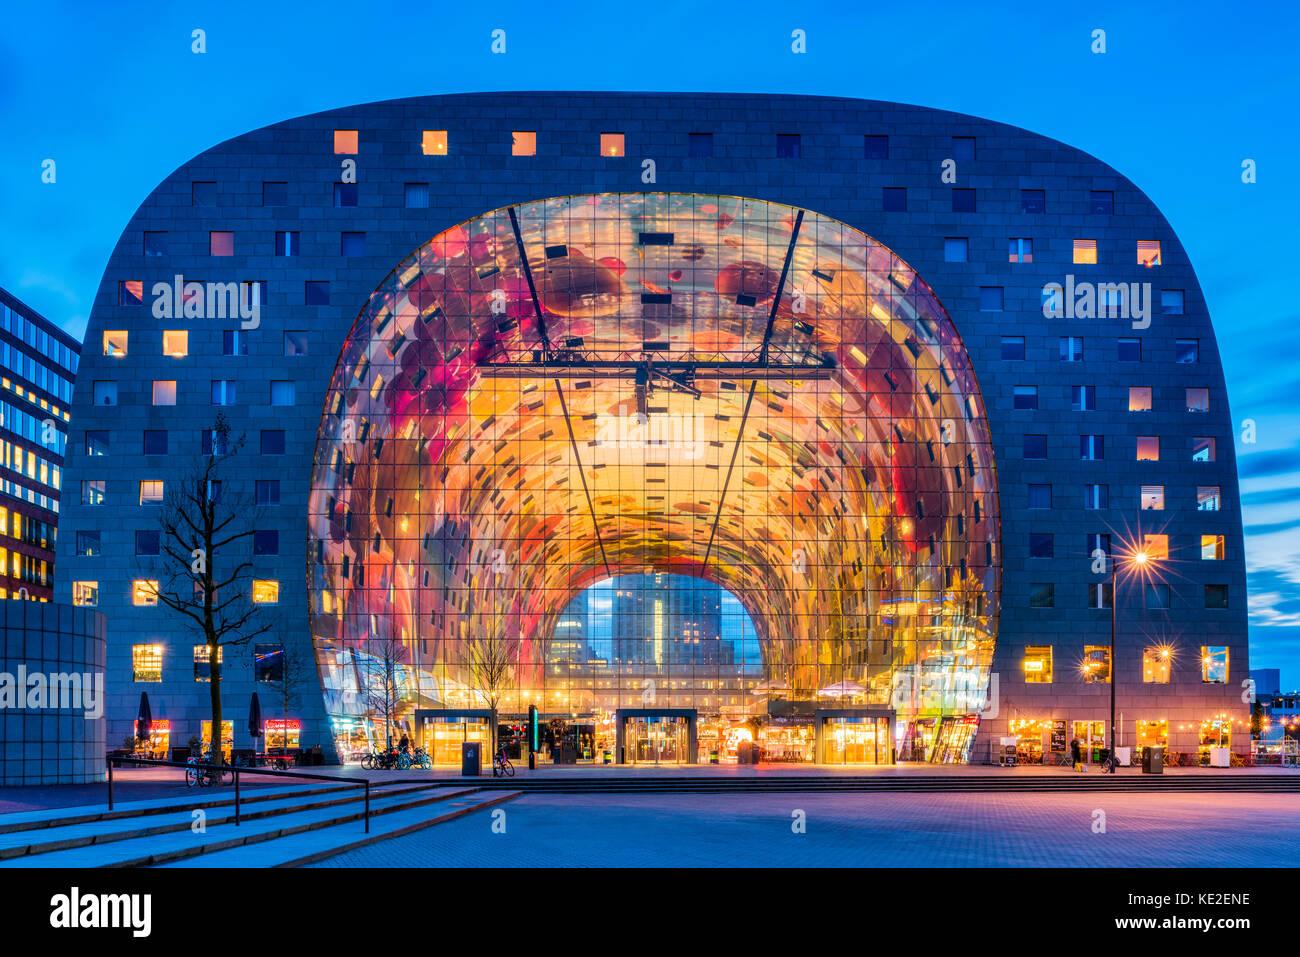 Markthalle in der blaak Bezirk Rotterdam, Niederlande bei Dämmerung. Es ist ein Wohn- und Geschäftshaus Stockbild